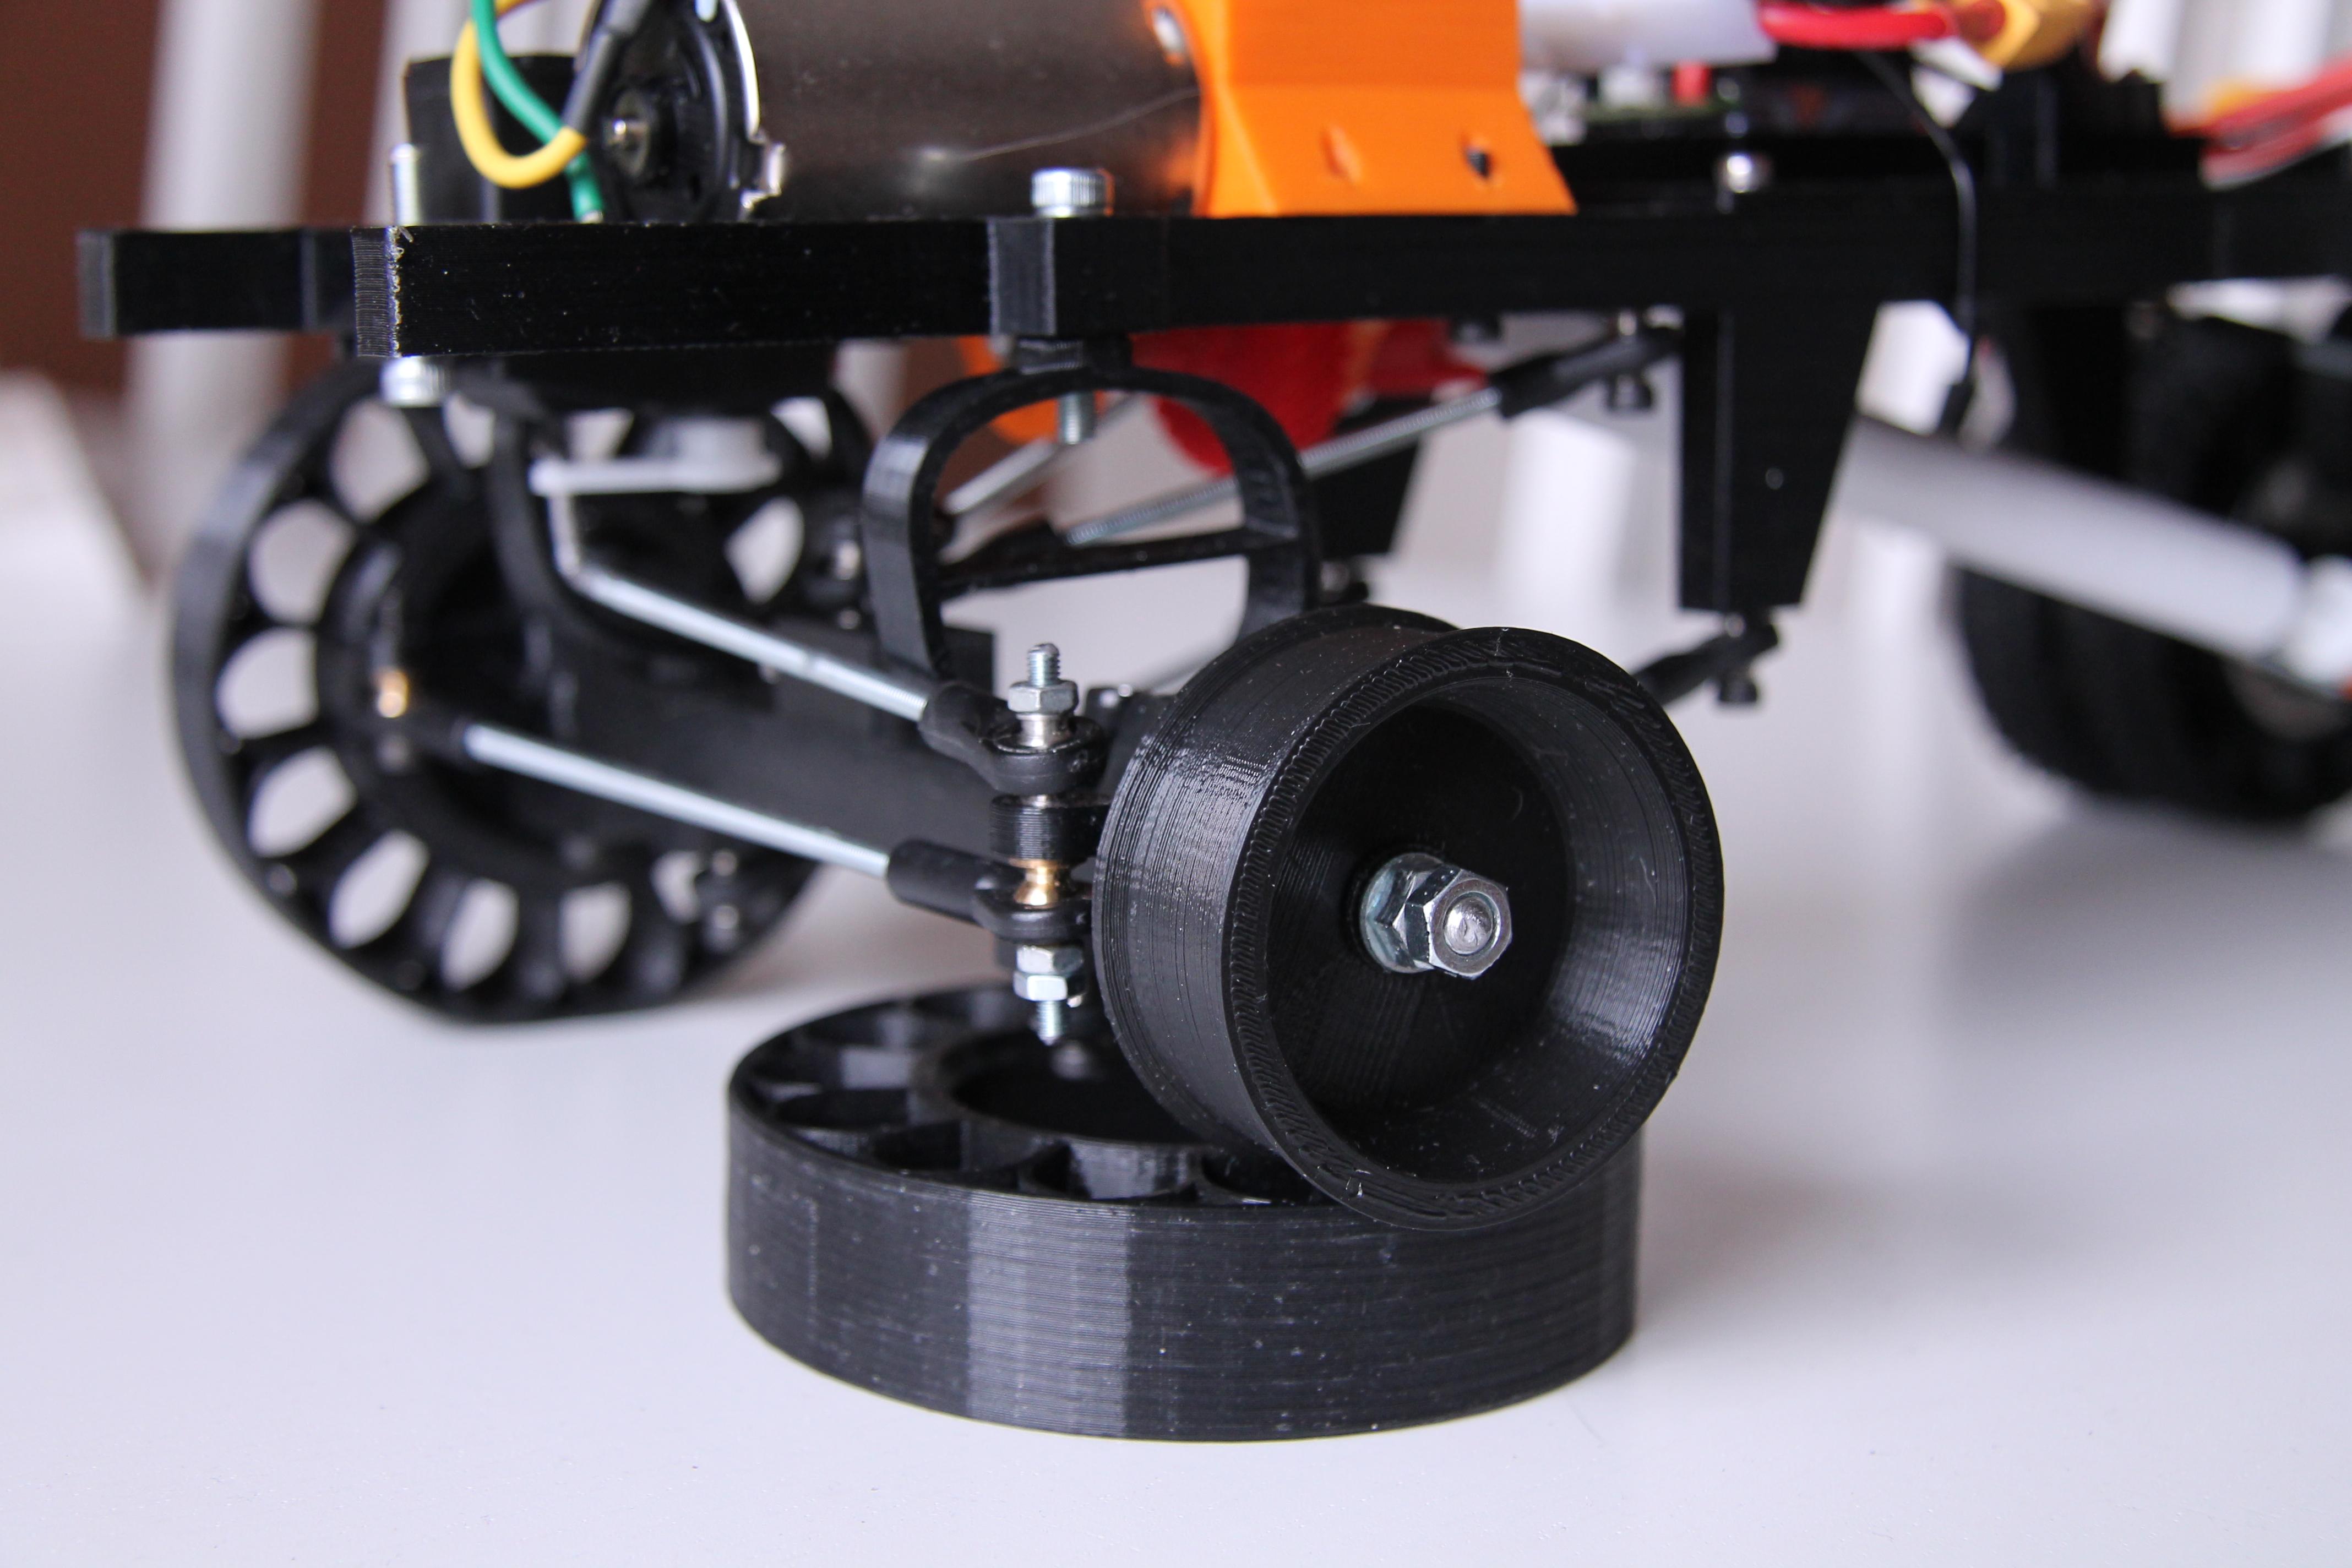 031.JPG Download free STL file Printed truck: Rims • 3D printing template, MrCrankyface